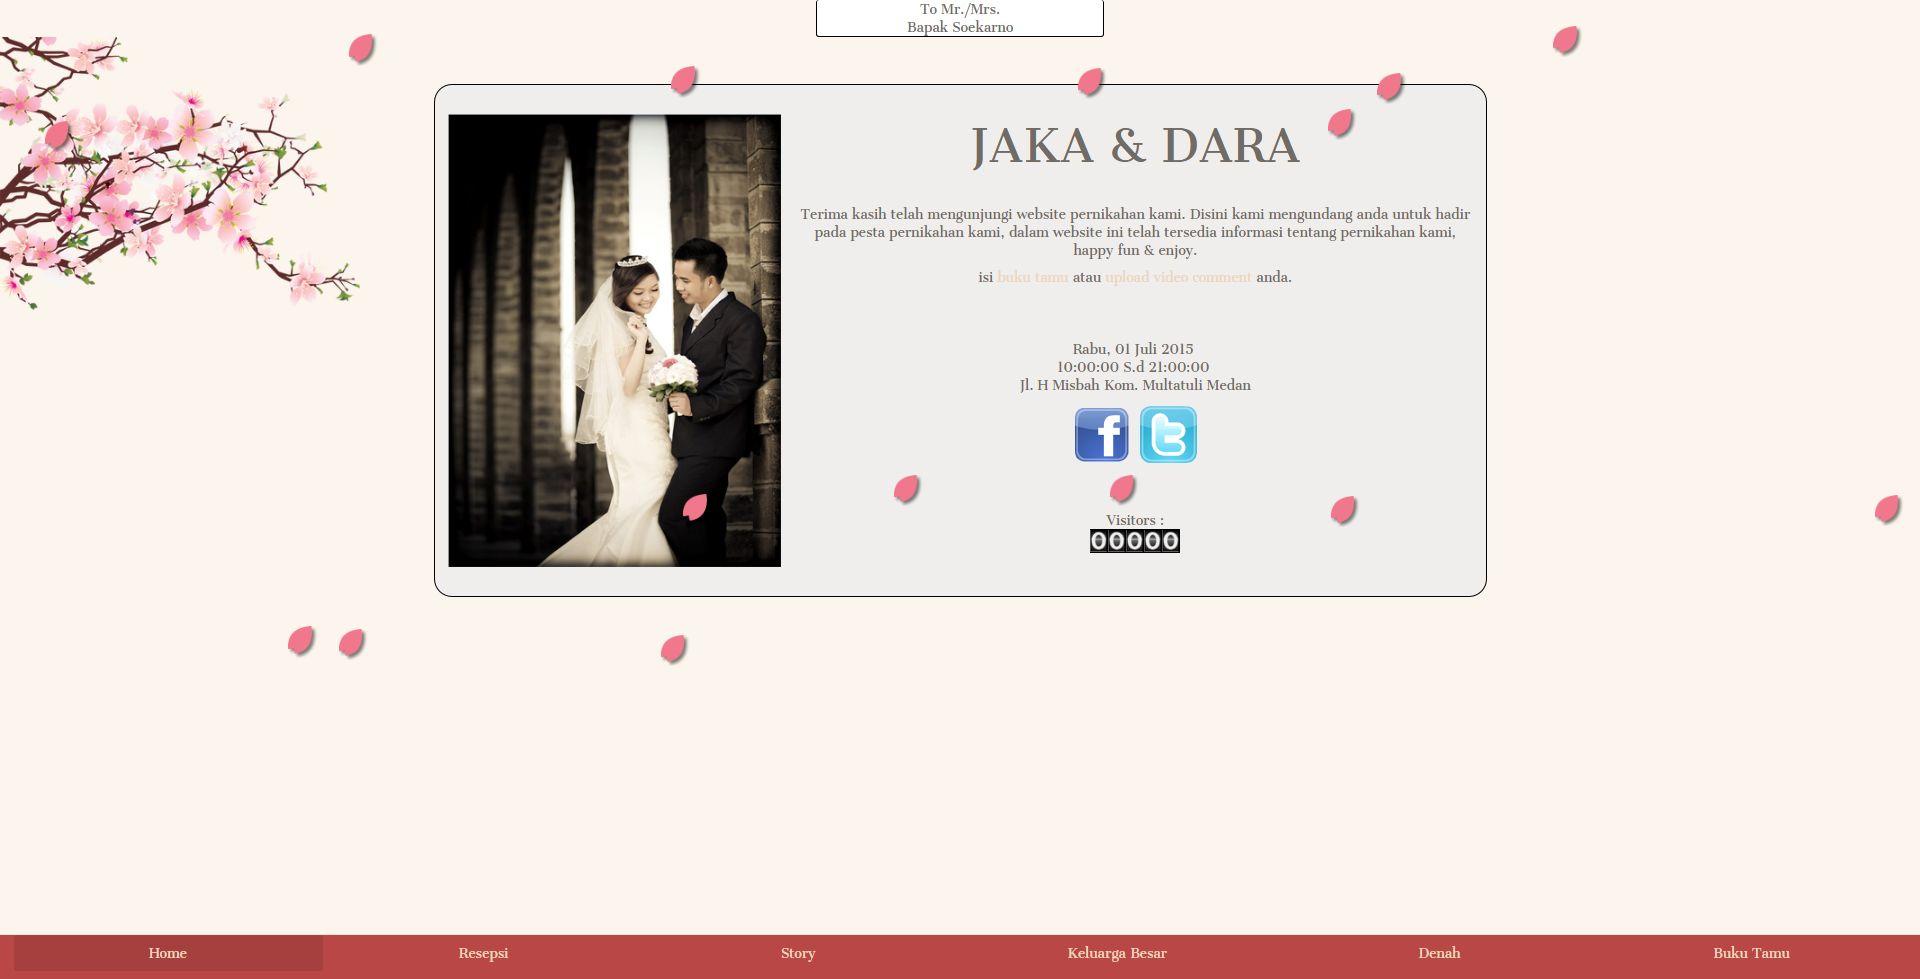 Desain Undangan Online Sakura Animated Wedding Theme